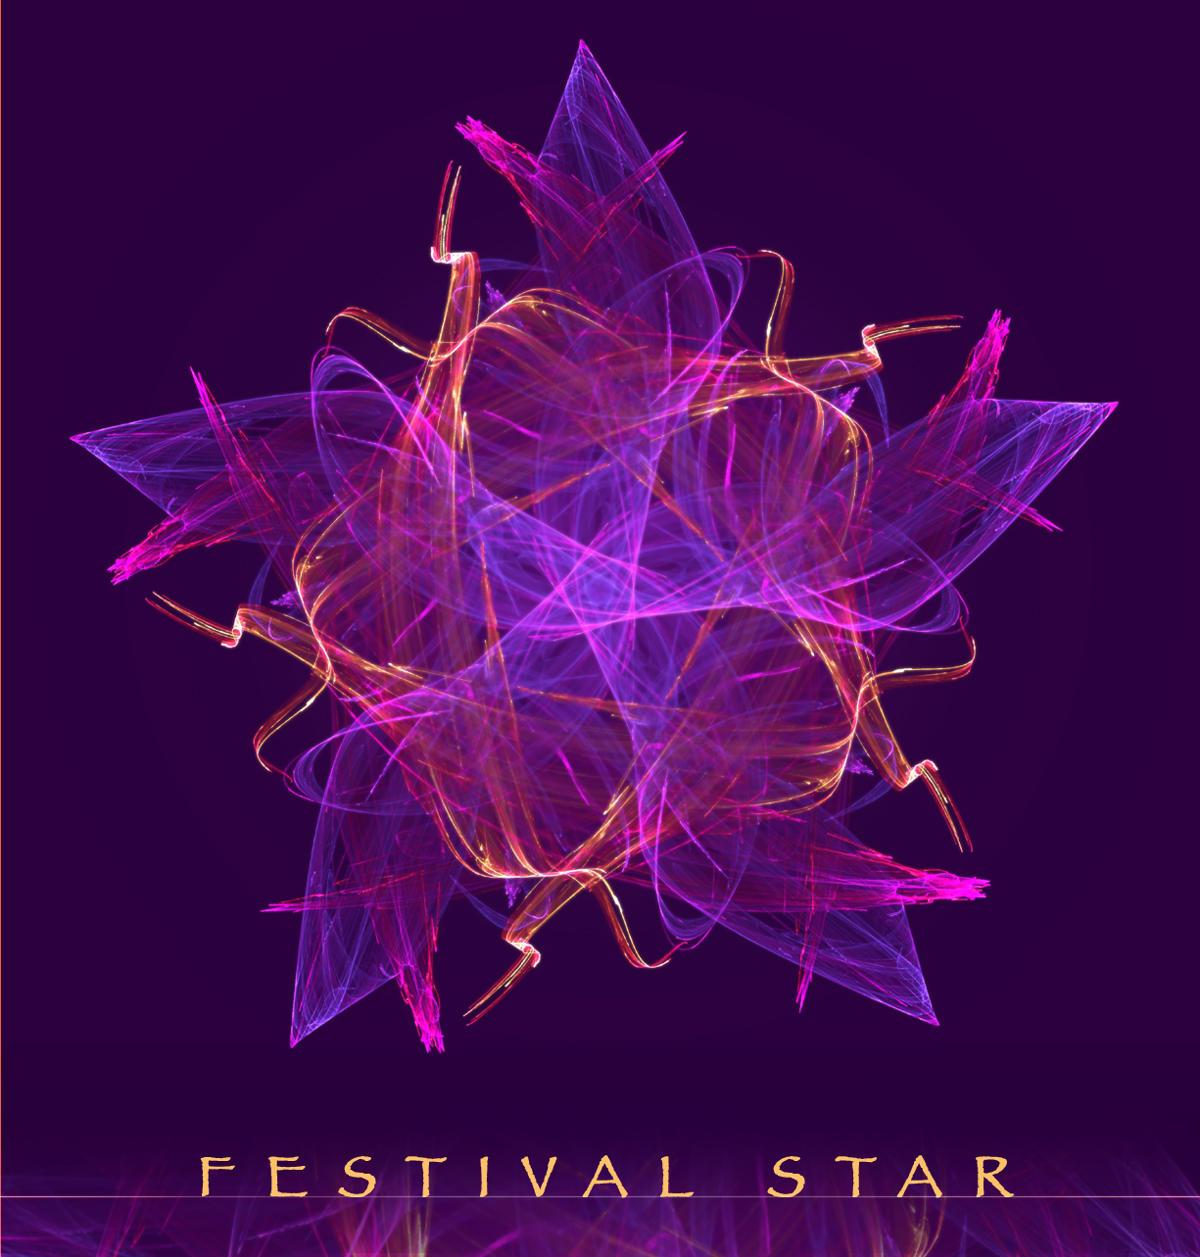 FESTIVAL STAR by DeepChrome